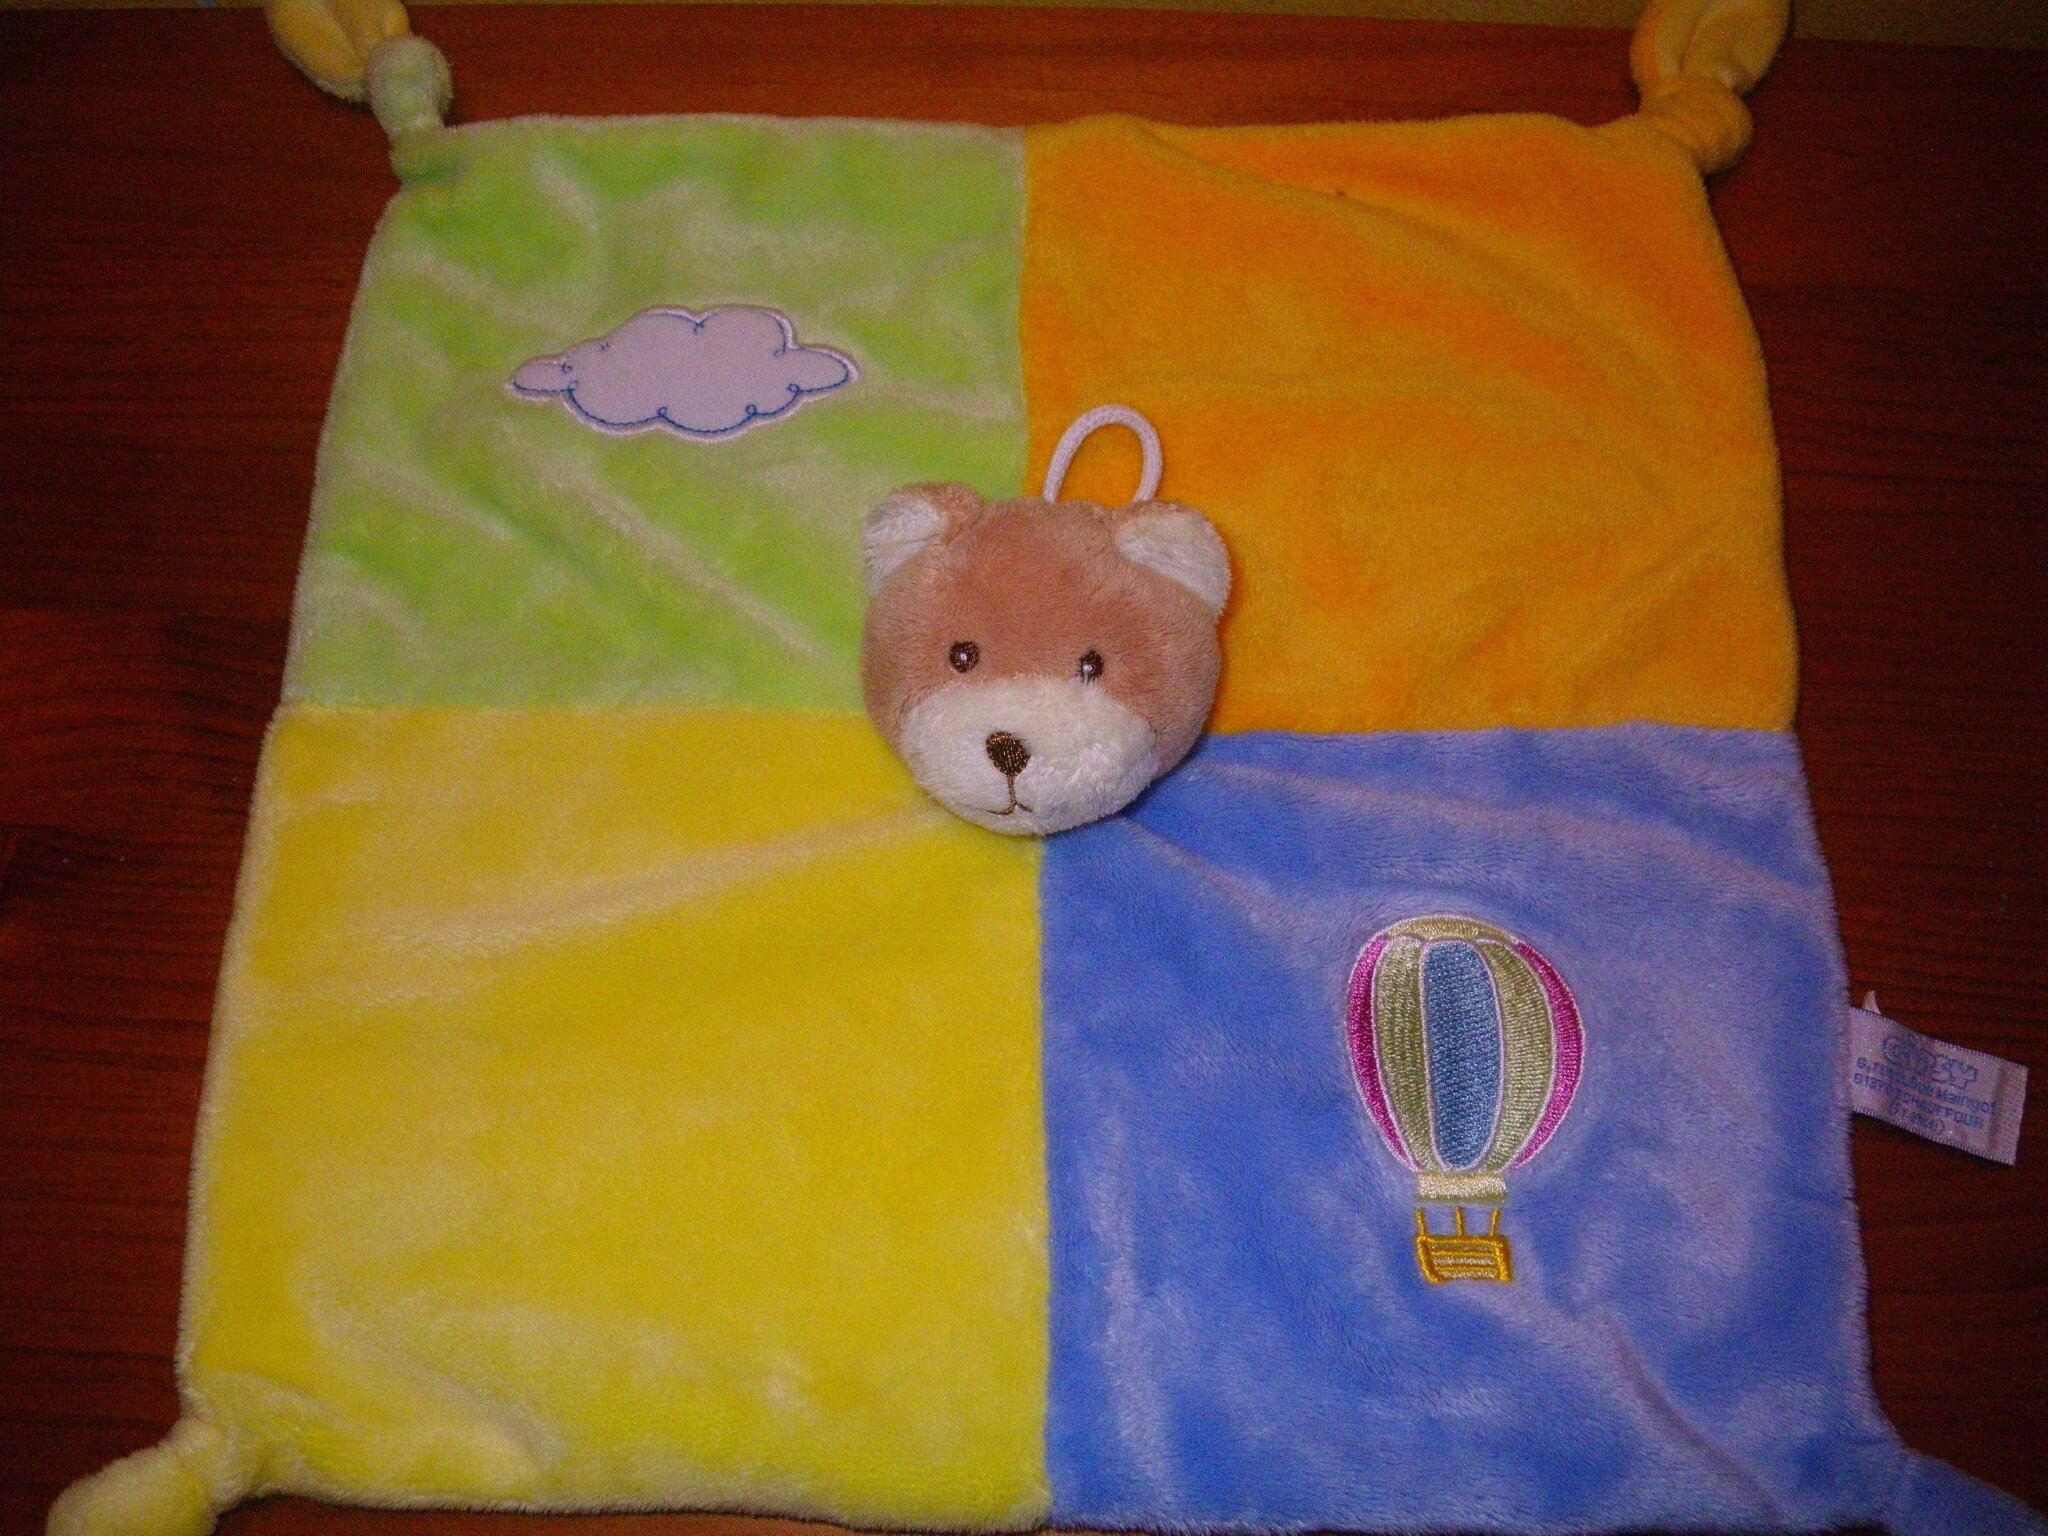 ours marque Gipsy, doudou plat 27 cm, composé de 4 carrés de couleurs diff, motif brodé mongolfière